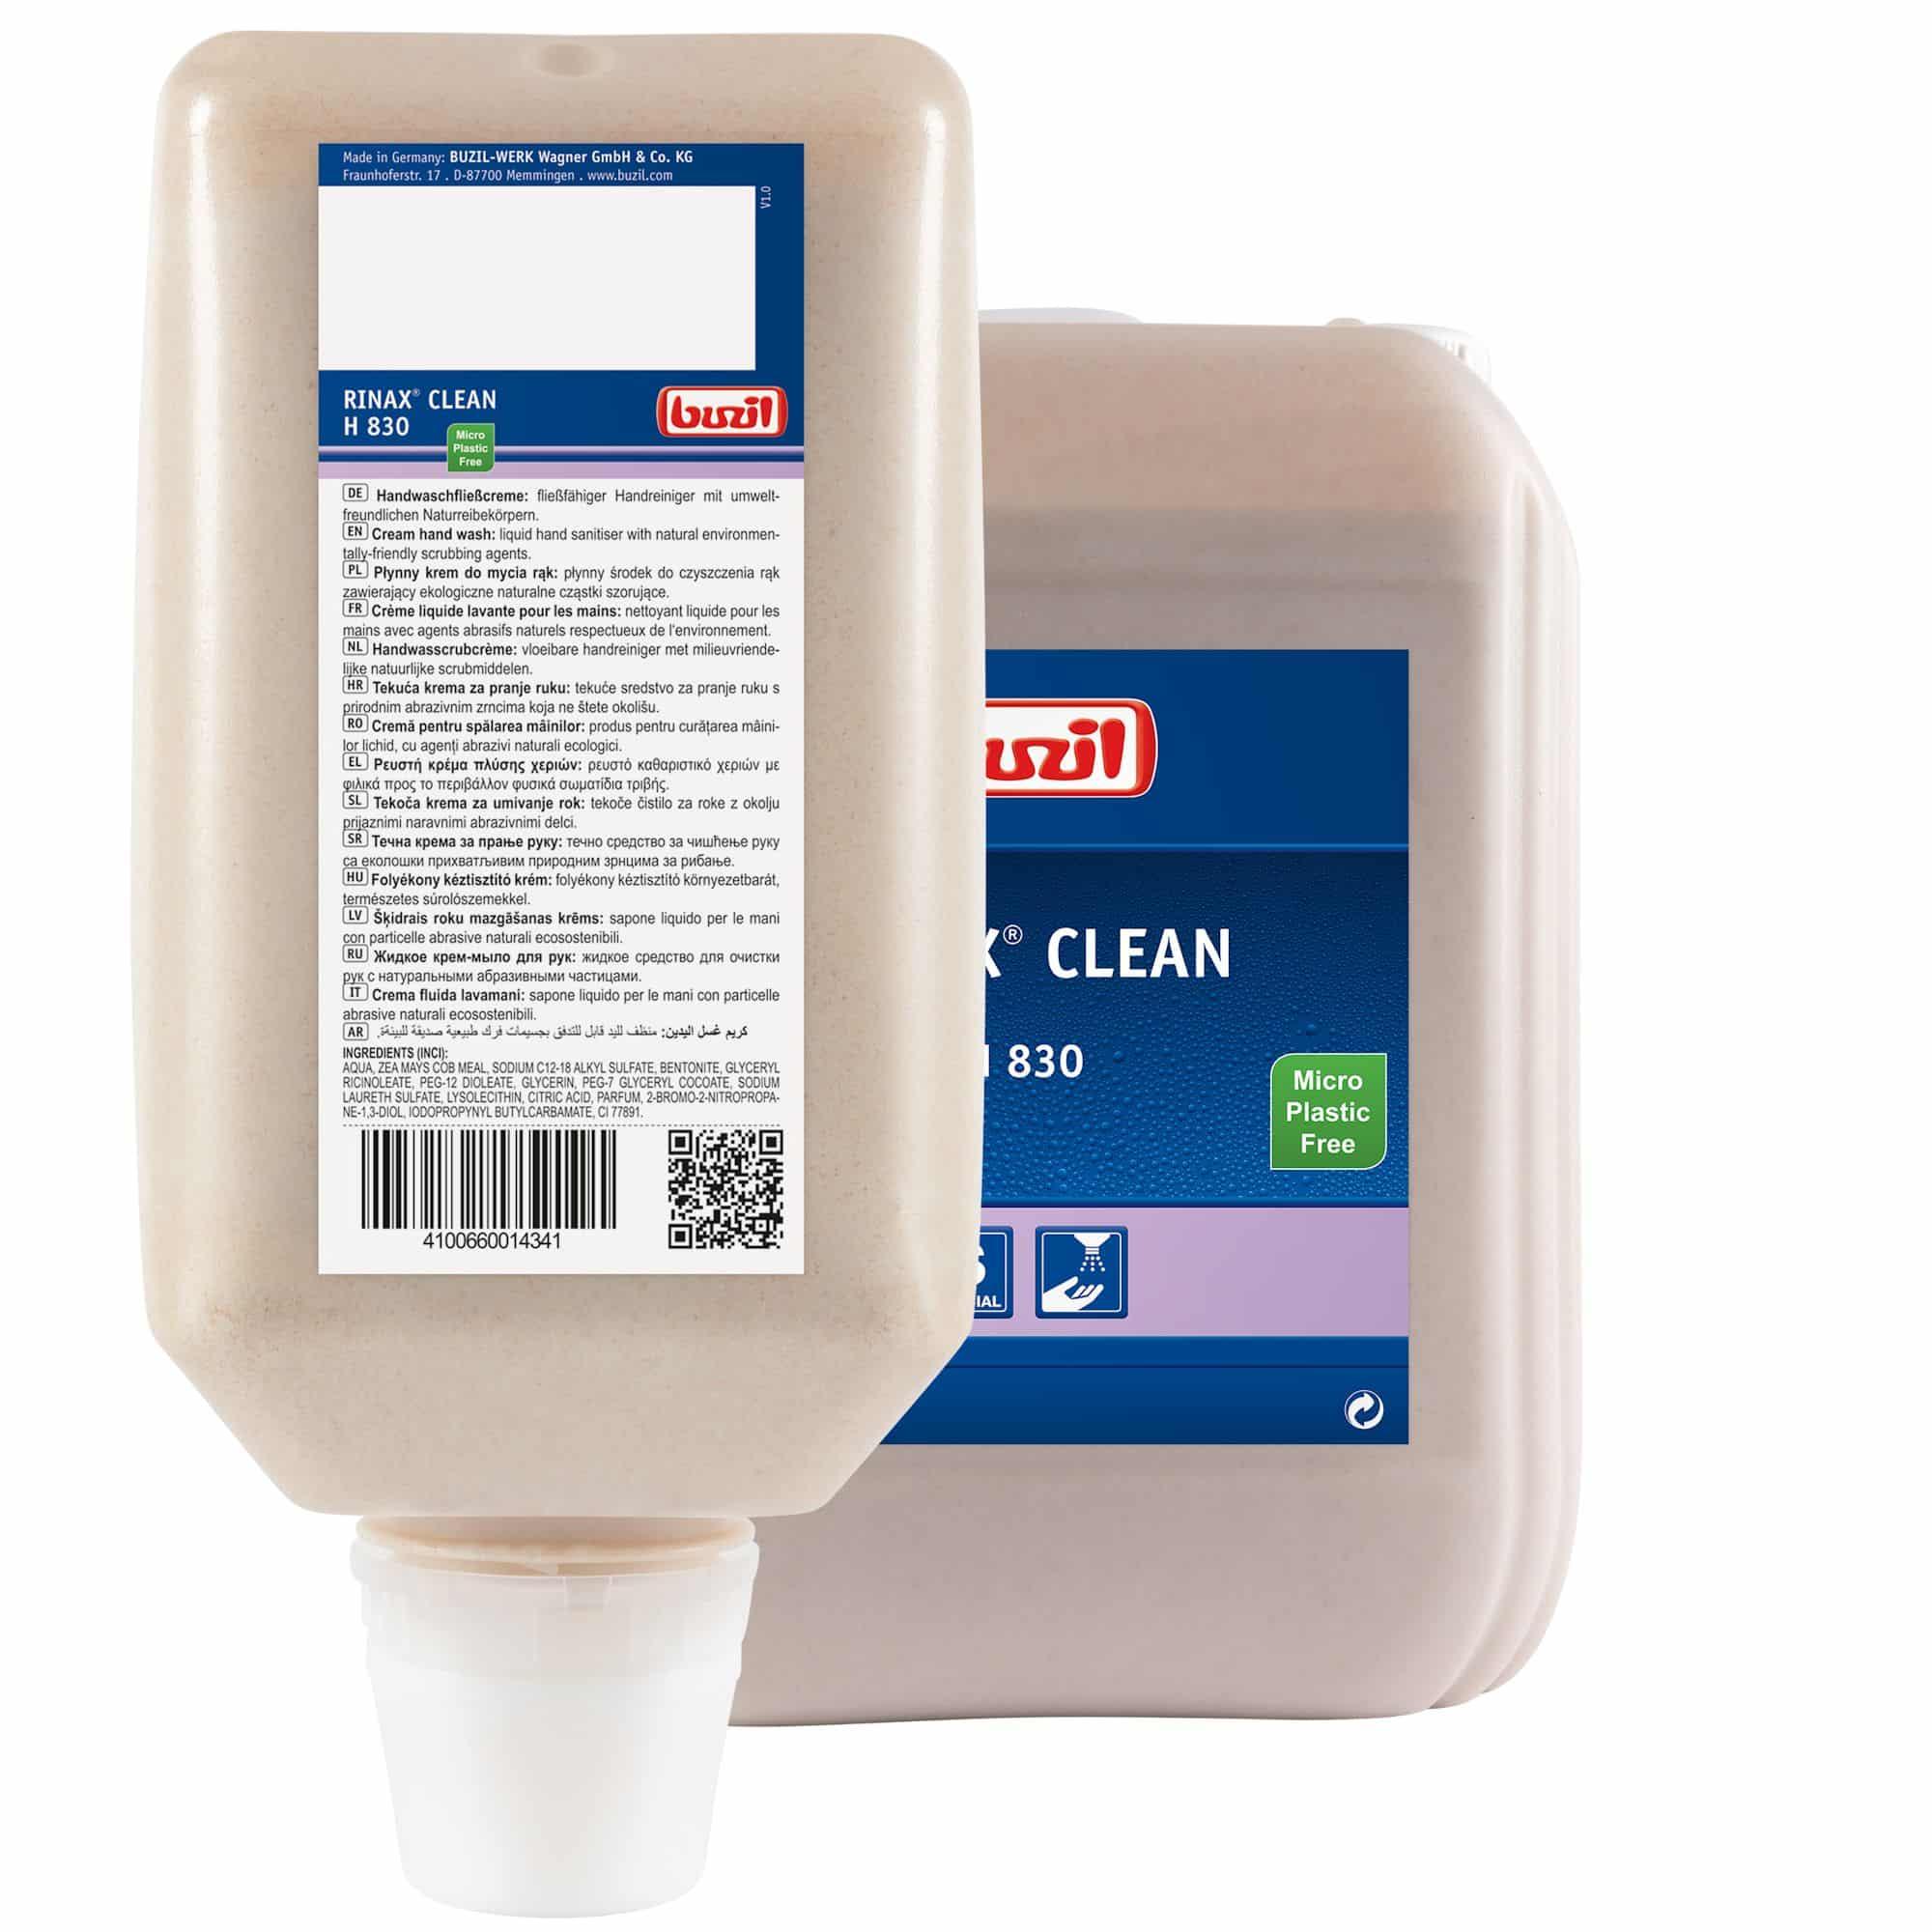 2020_01_BUZIL_H830_rinax-clean